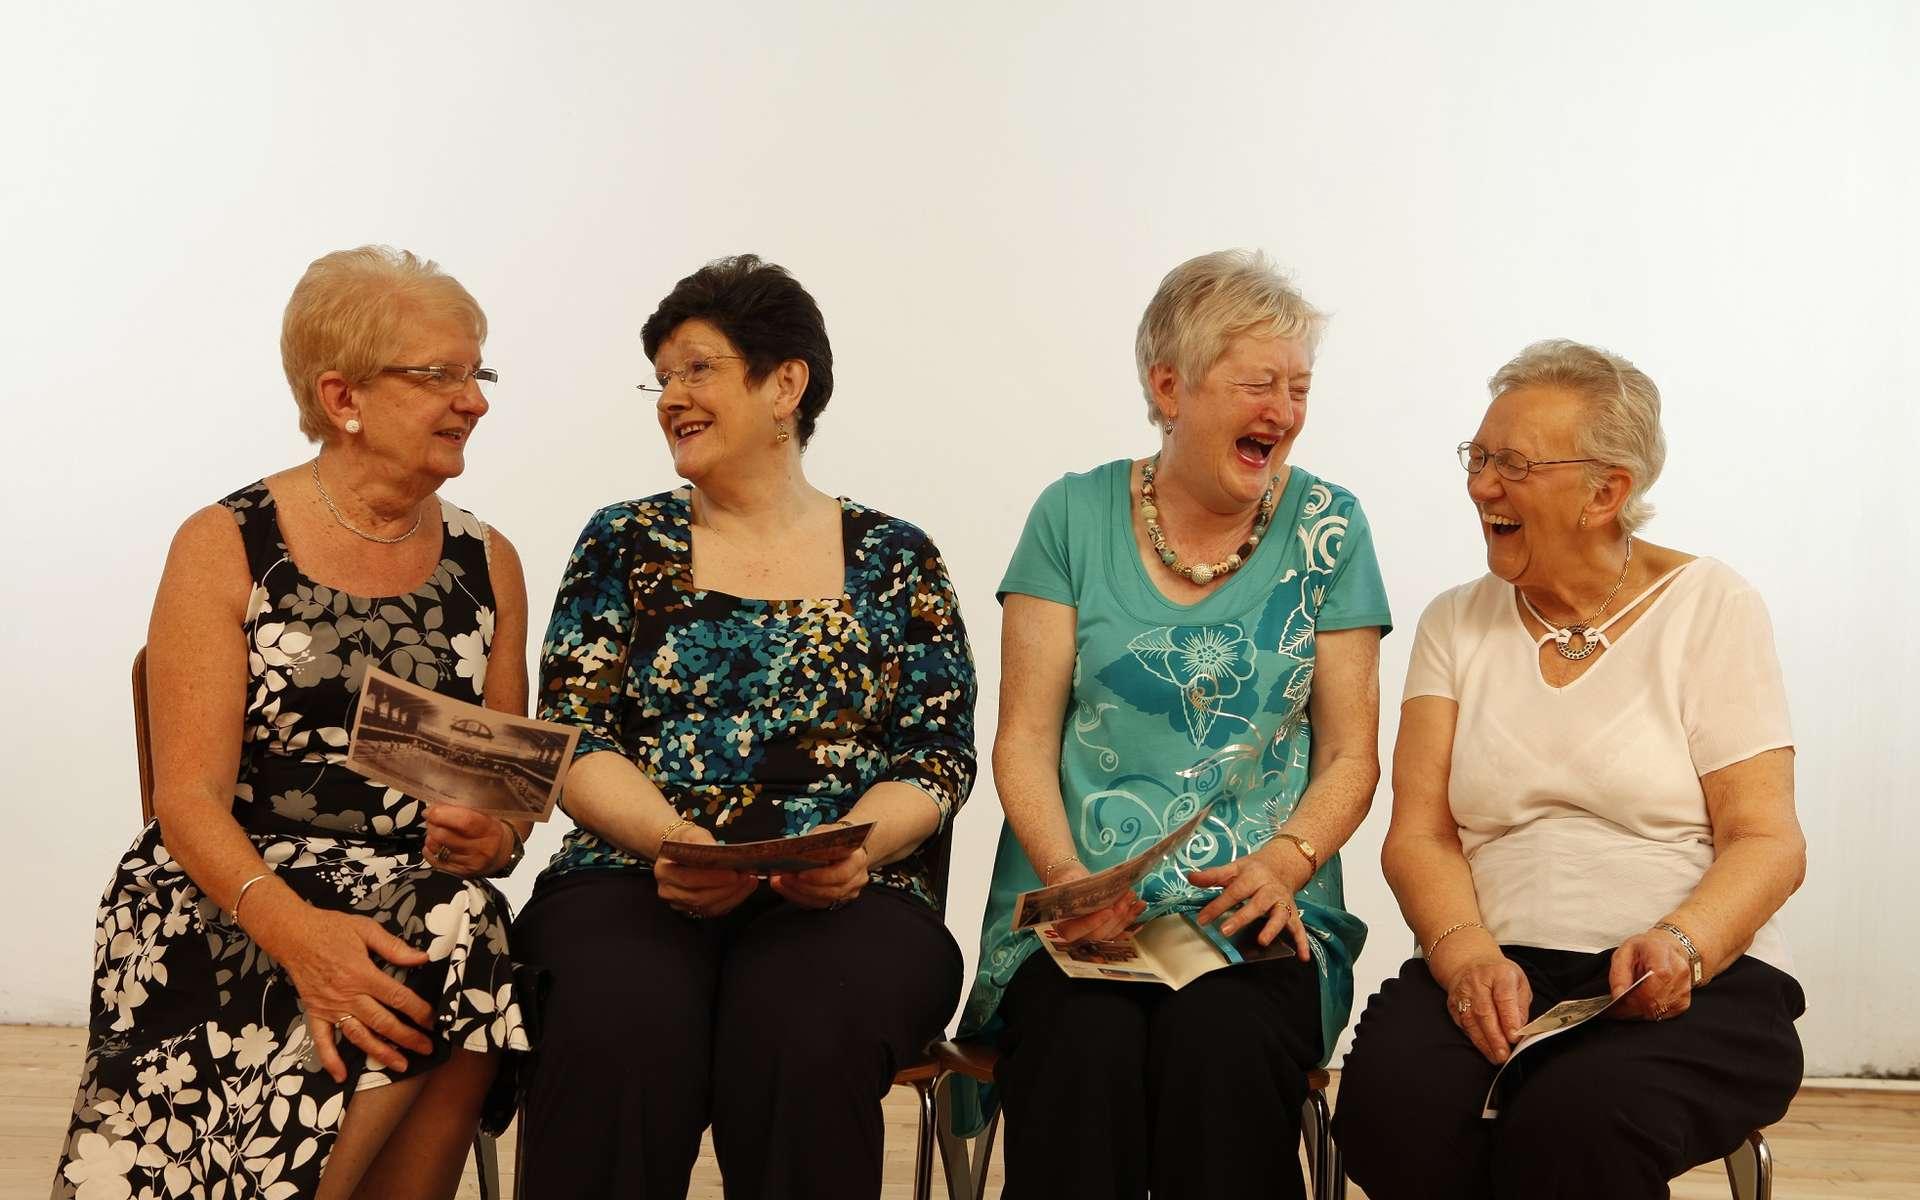 Les relations sociales sont particulièrement importantes chez les seniors. © TheArches, Flickr, CC by 2.0